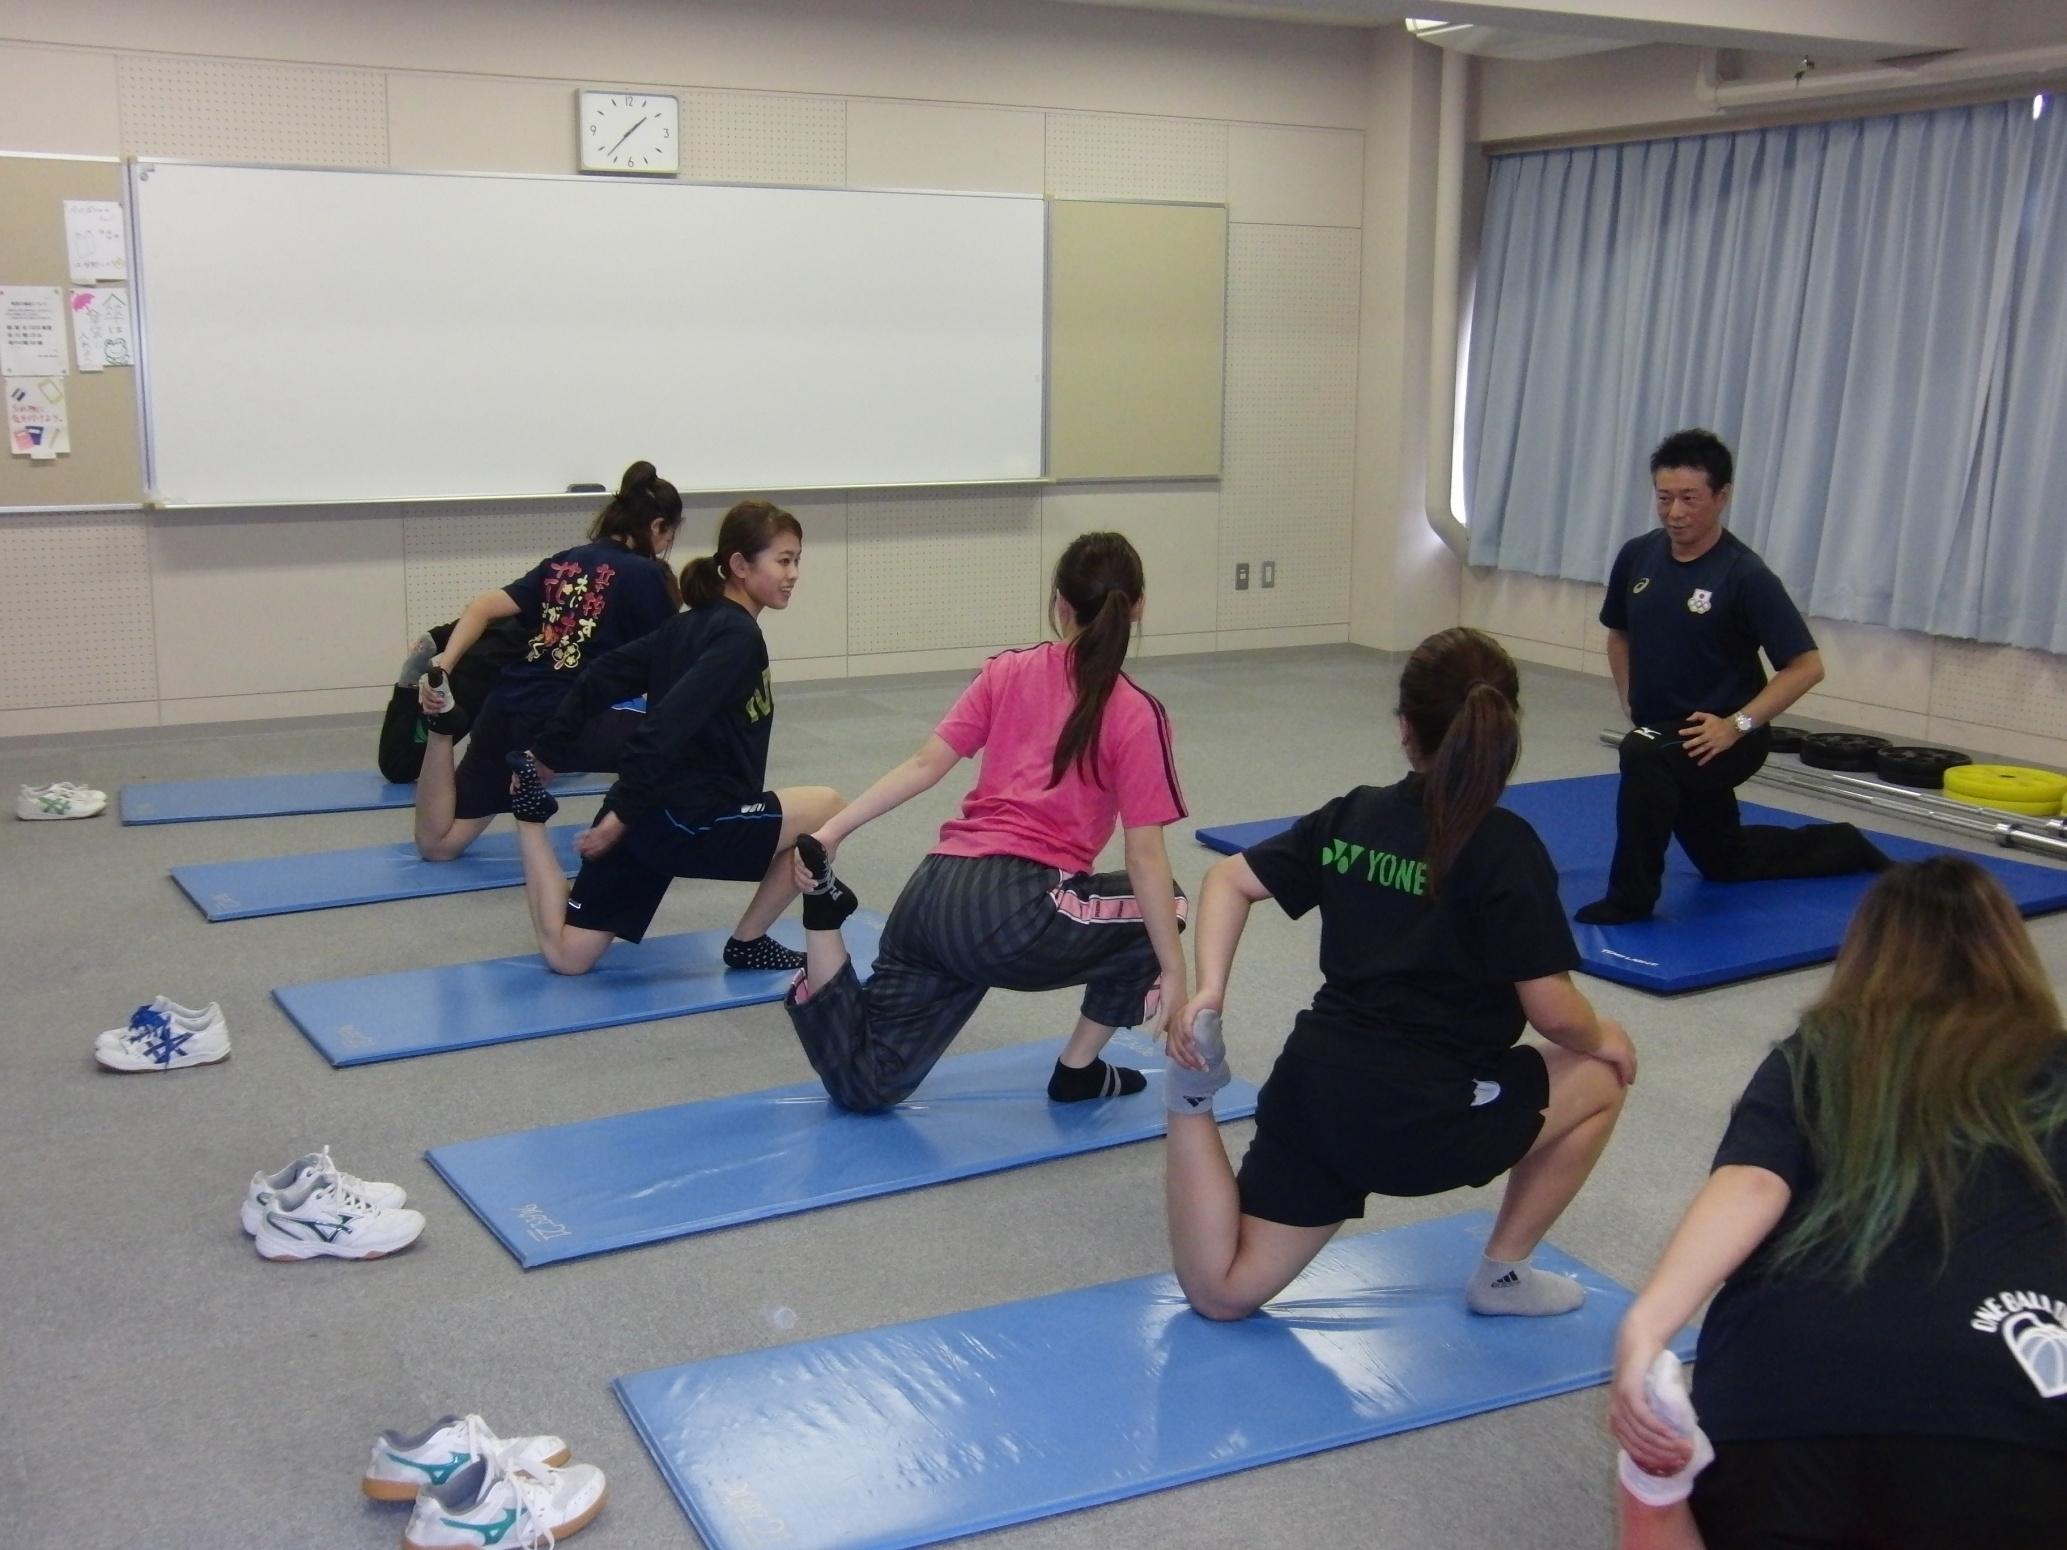 スポーツ健康コース 竹内洋輔先生の「スポーツトレーニング」